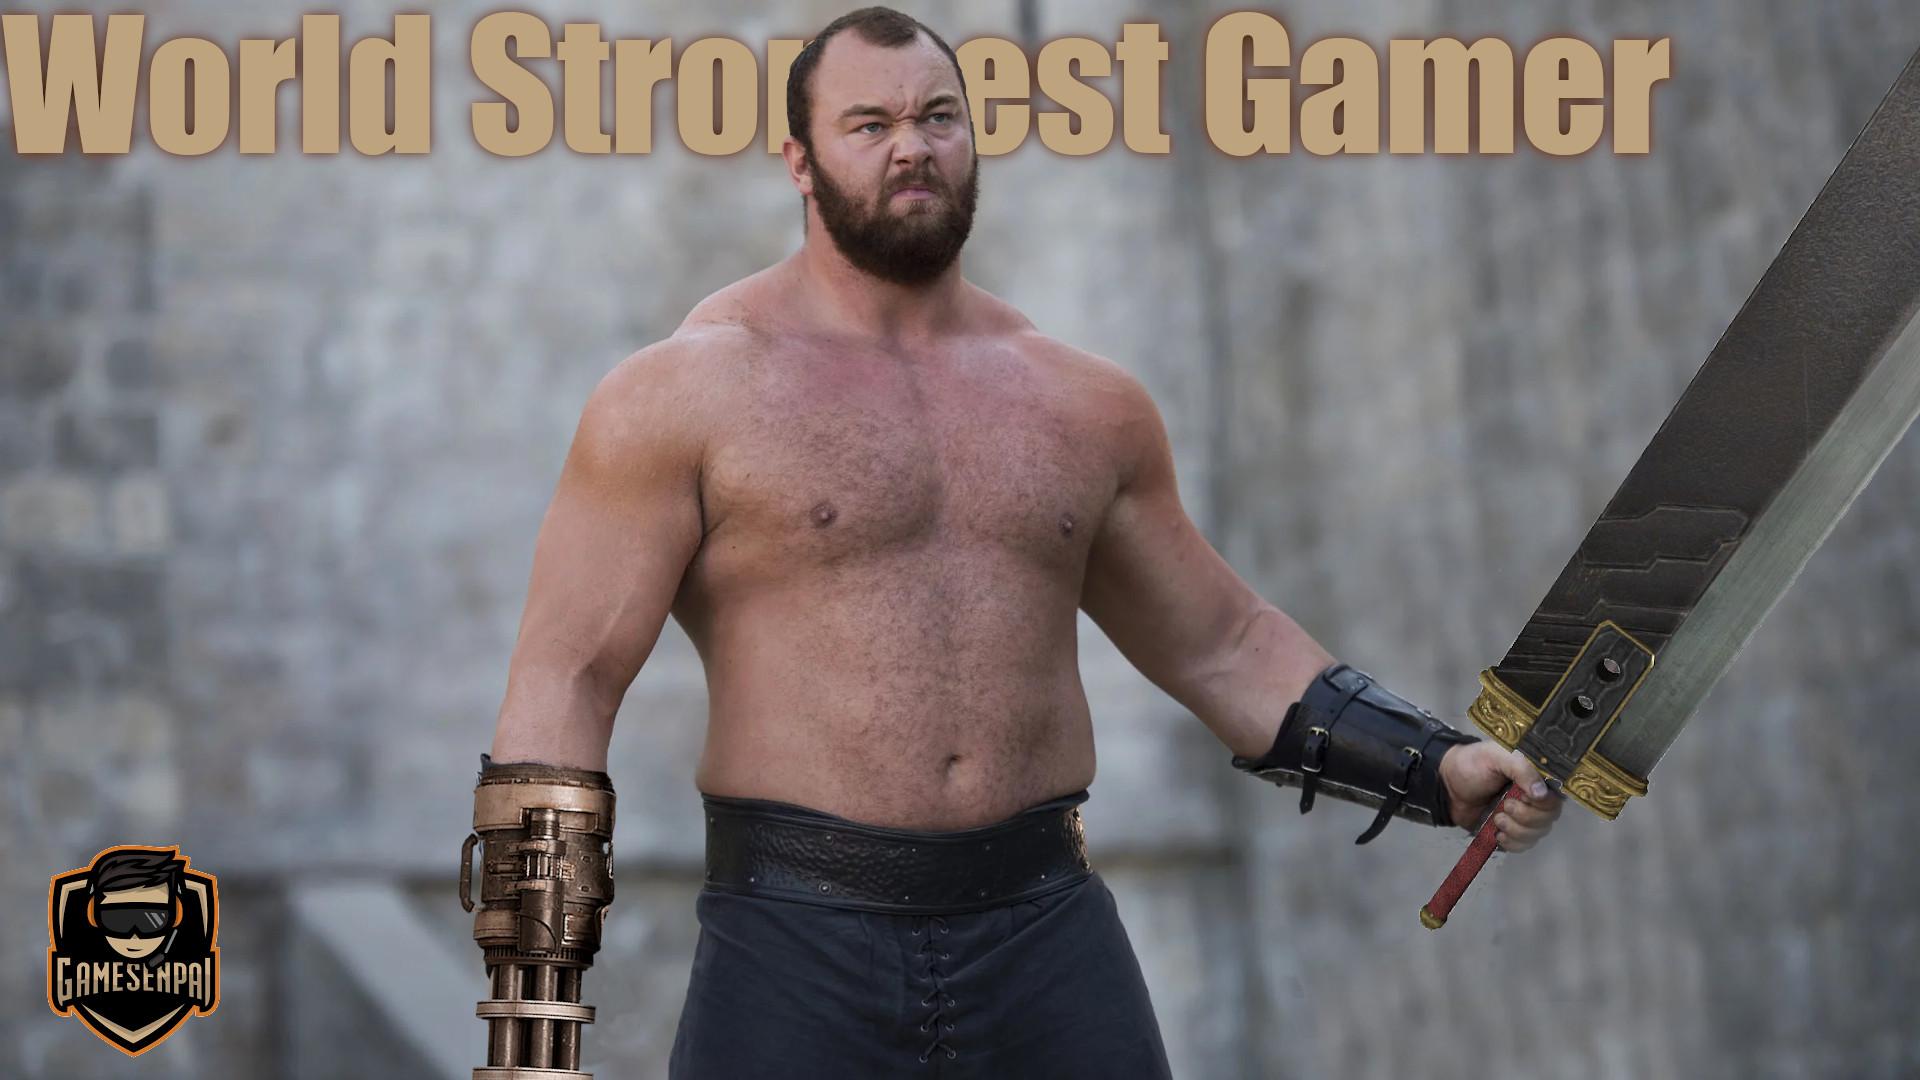 world strongest gamer